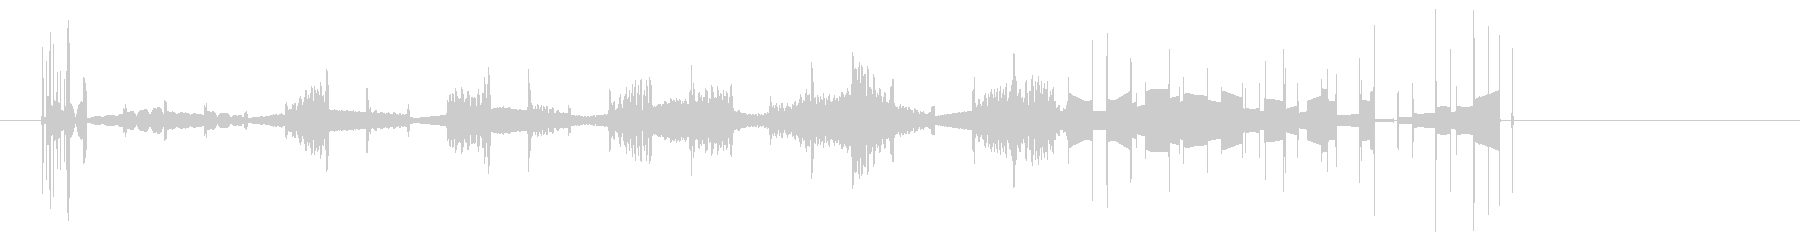 電波干渉、ショート、クラックルの未再生の波形